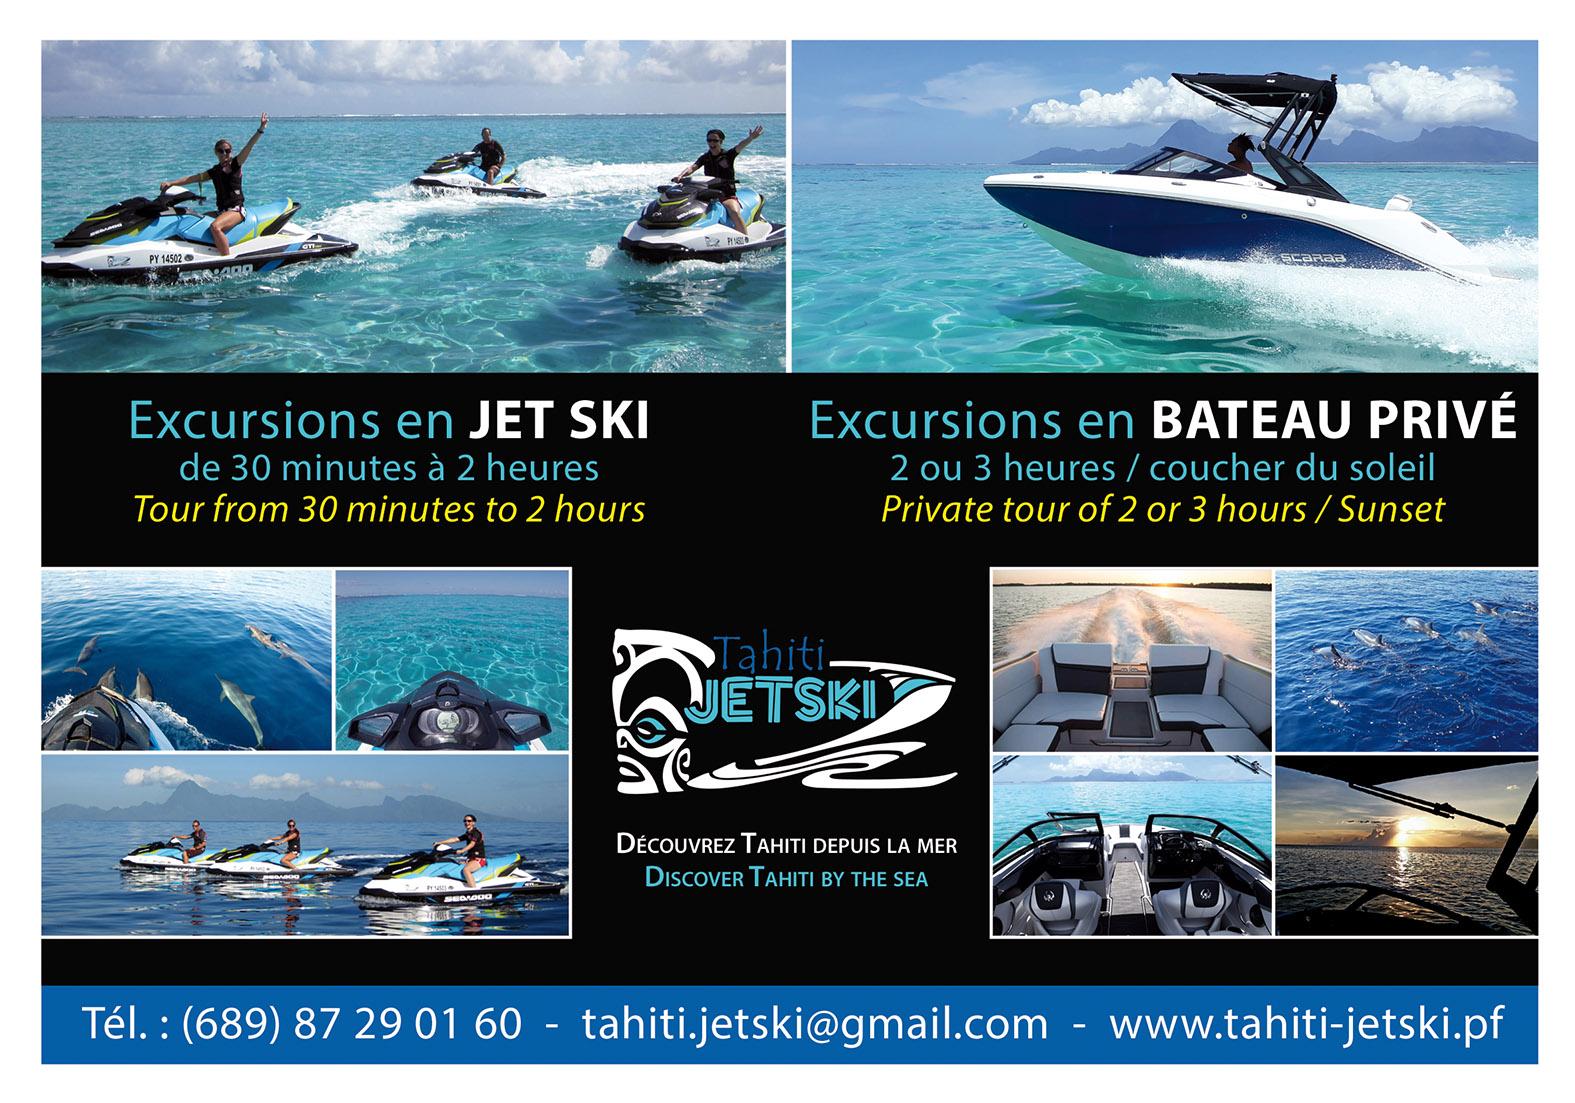 https://tahititourisme.jp/wp-content/uploads/2017/08/Tahiti-Jet-Ski-190x130-sept-2.jpg